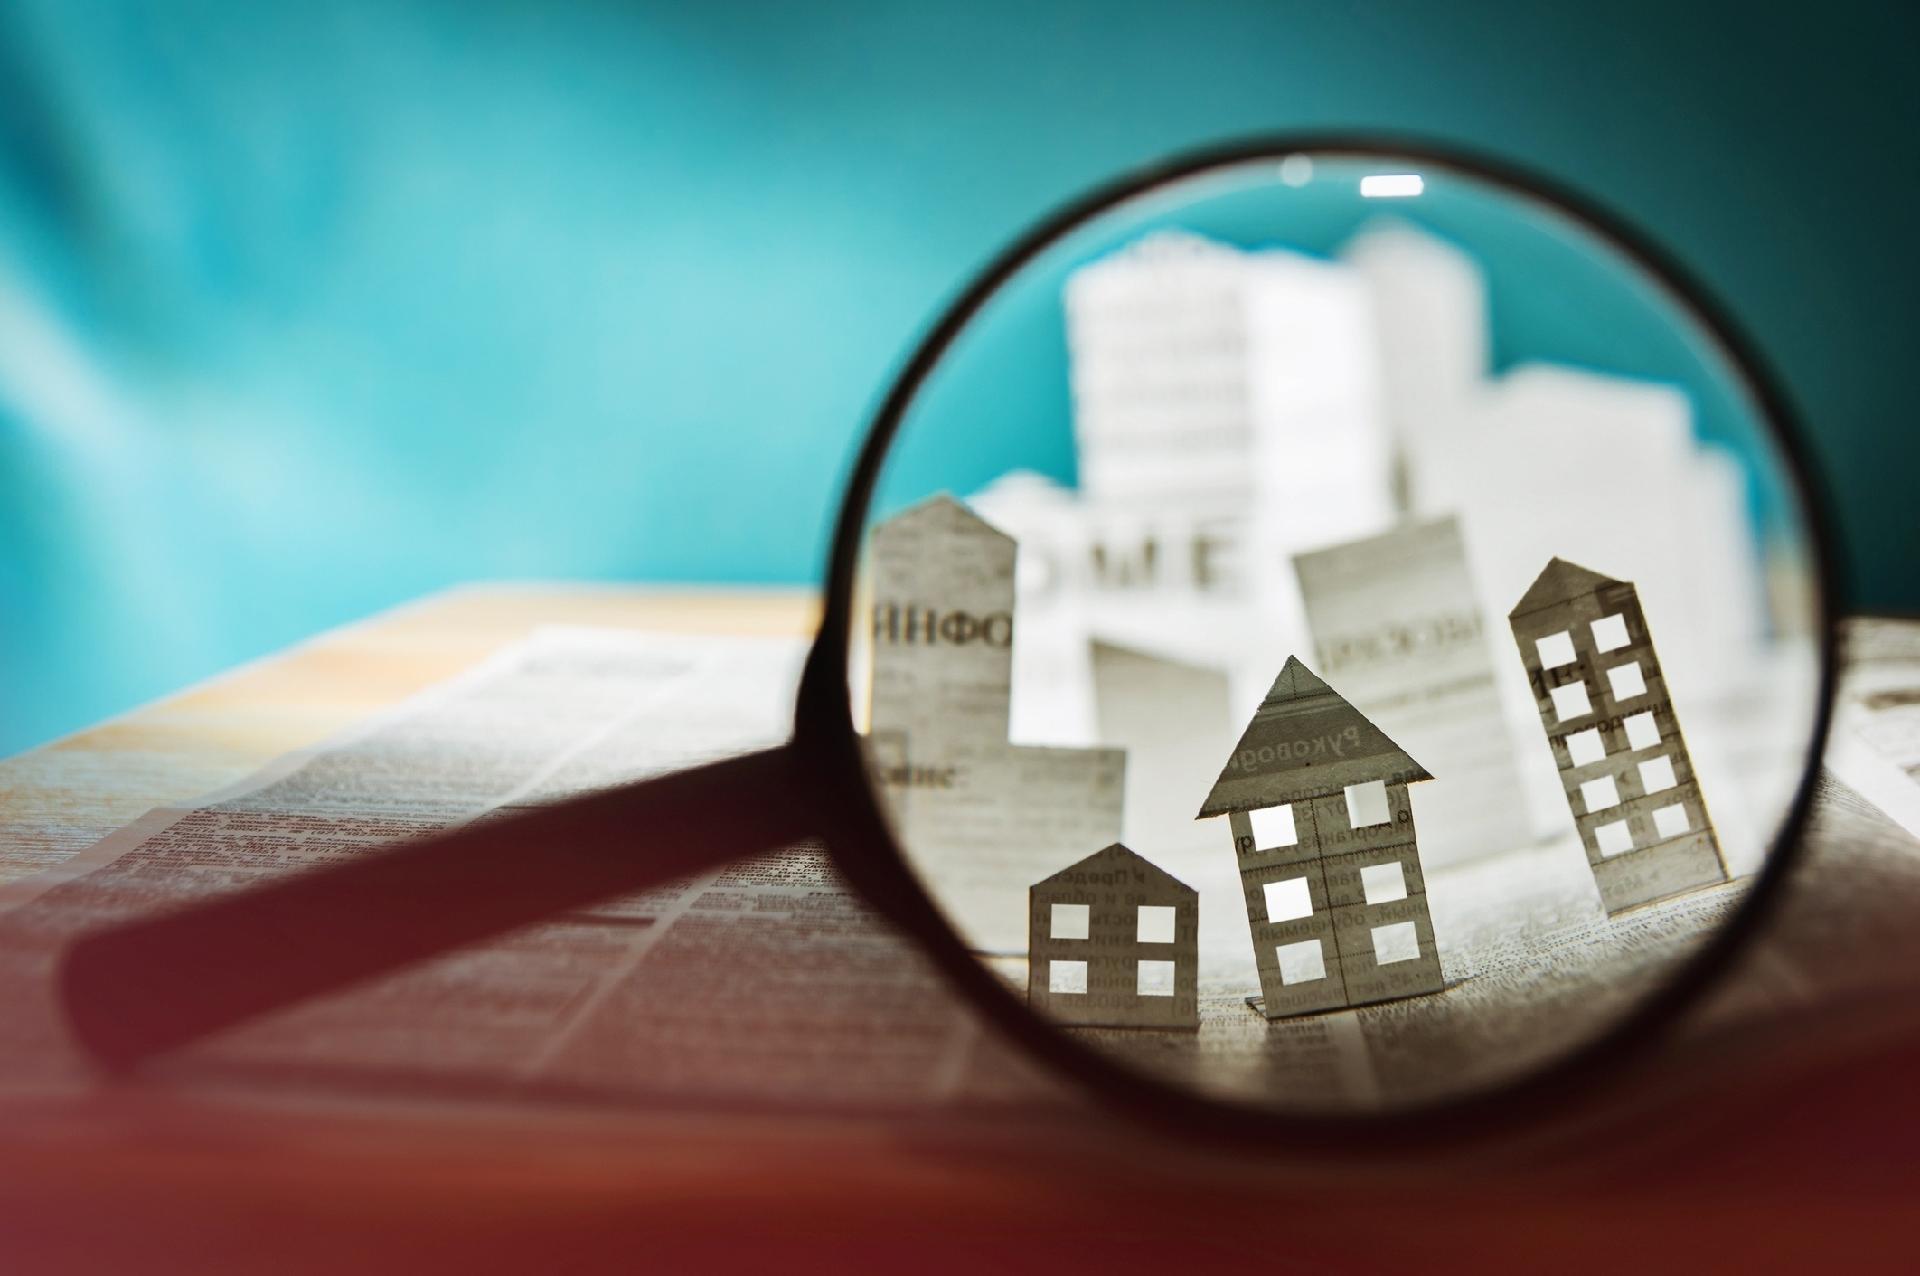 0eb5e651e Quer comprar a casa própria? É melhor responder a estas 5 perguntas antes -  27/07/2018 - UOL Economia